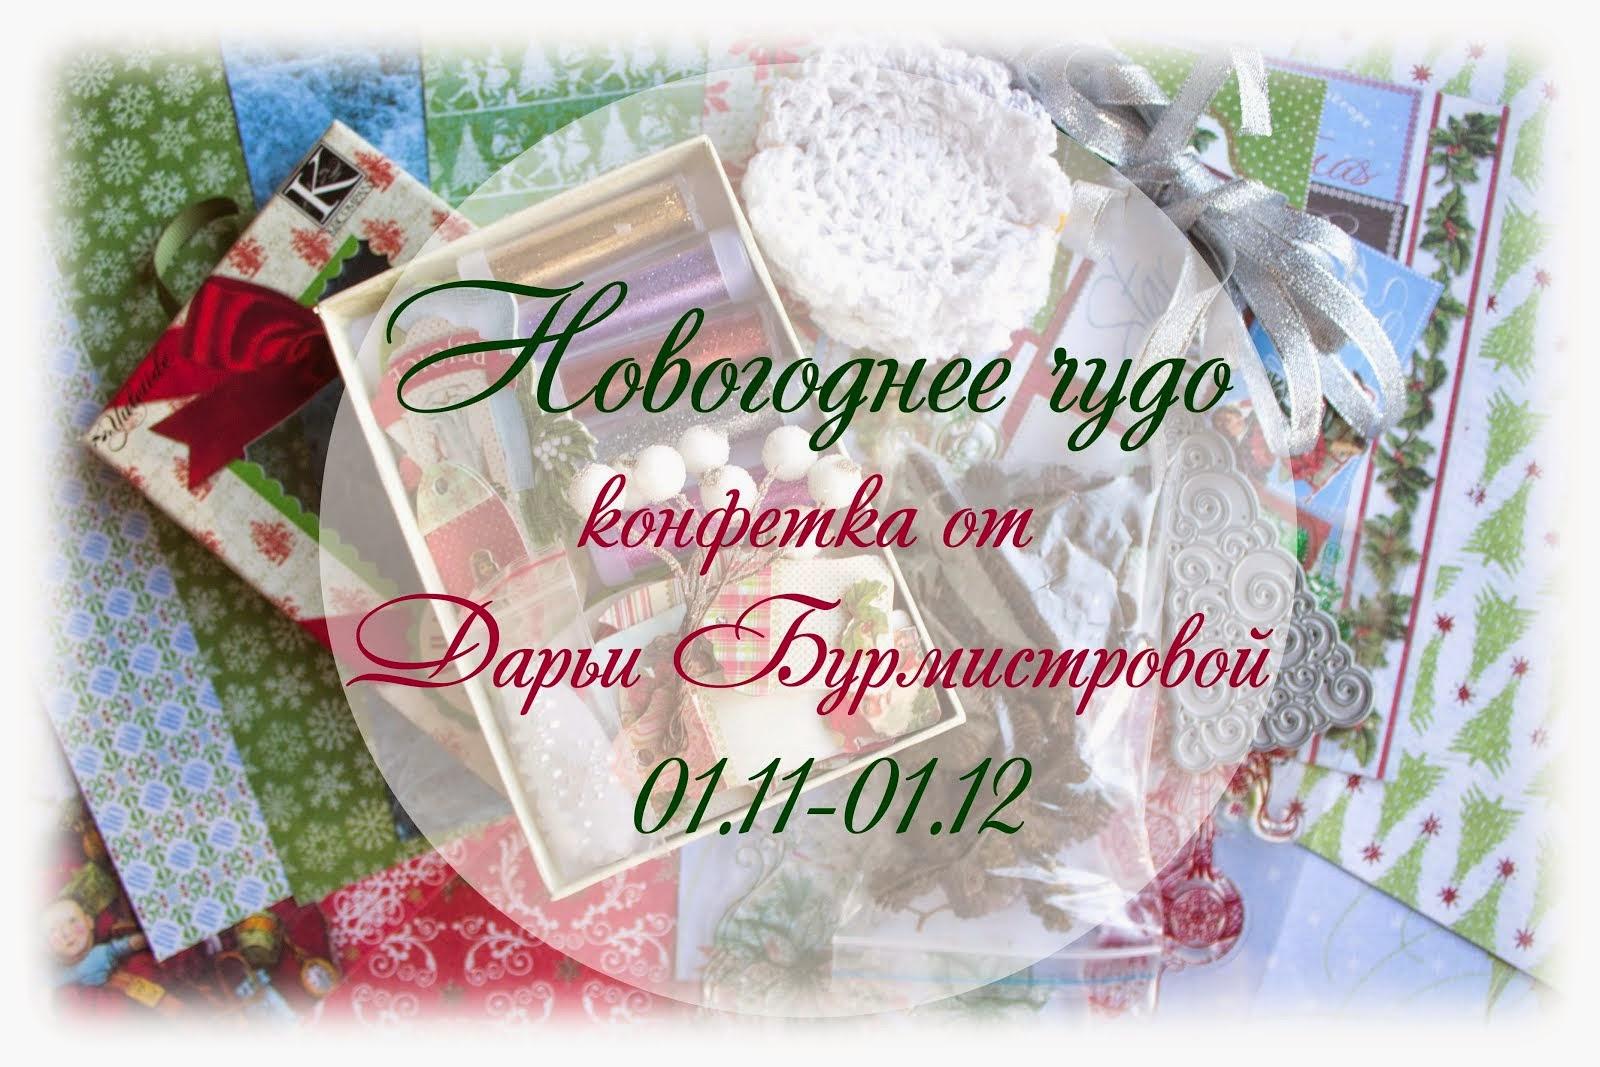 Новогоднее чудо от Дарьи Бурмистровой до 1 декабря